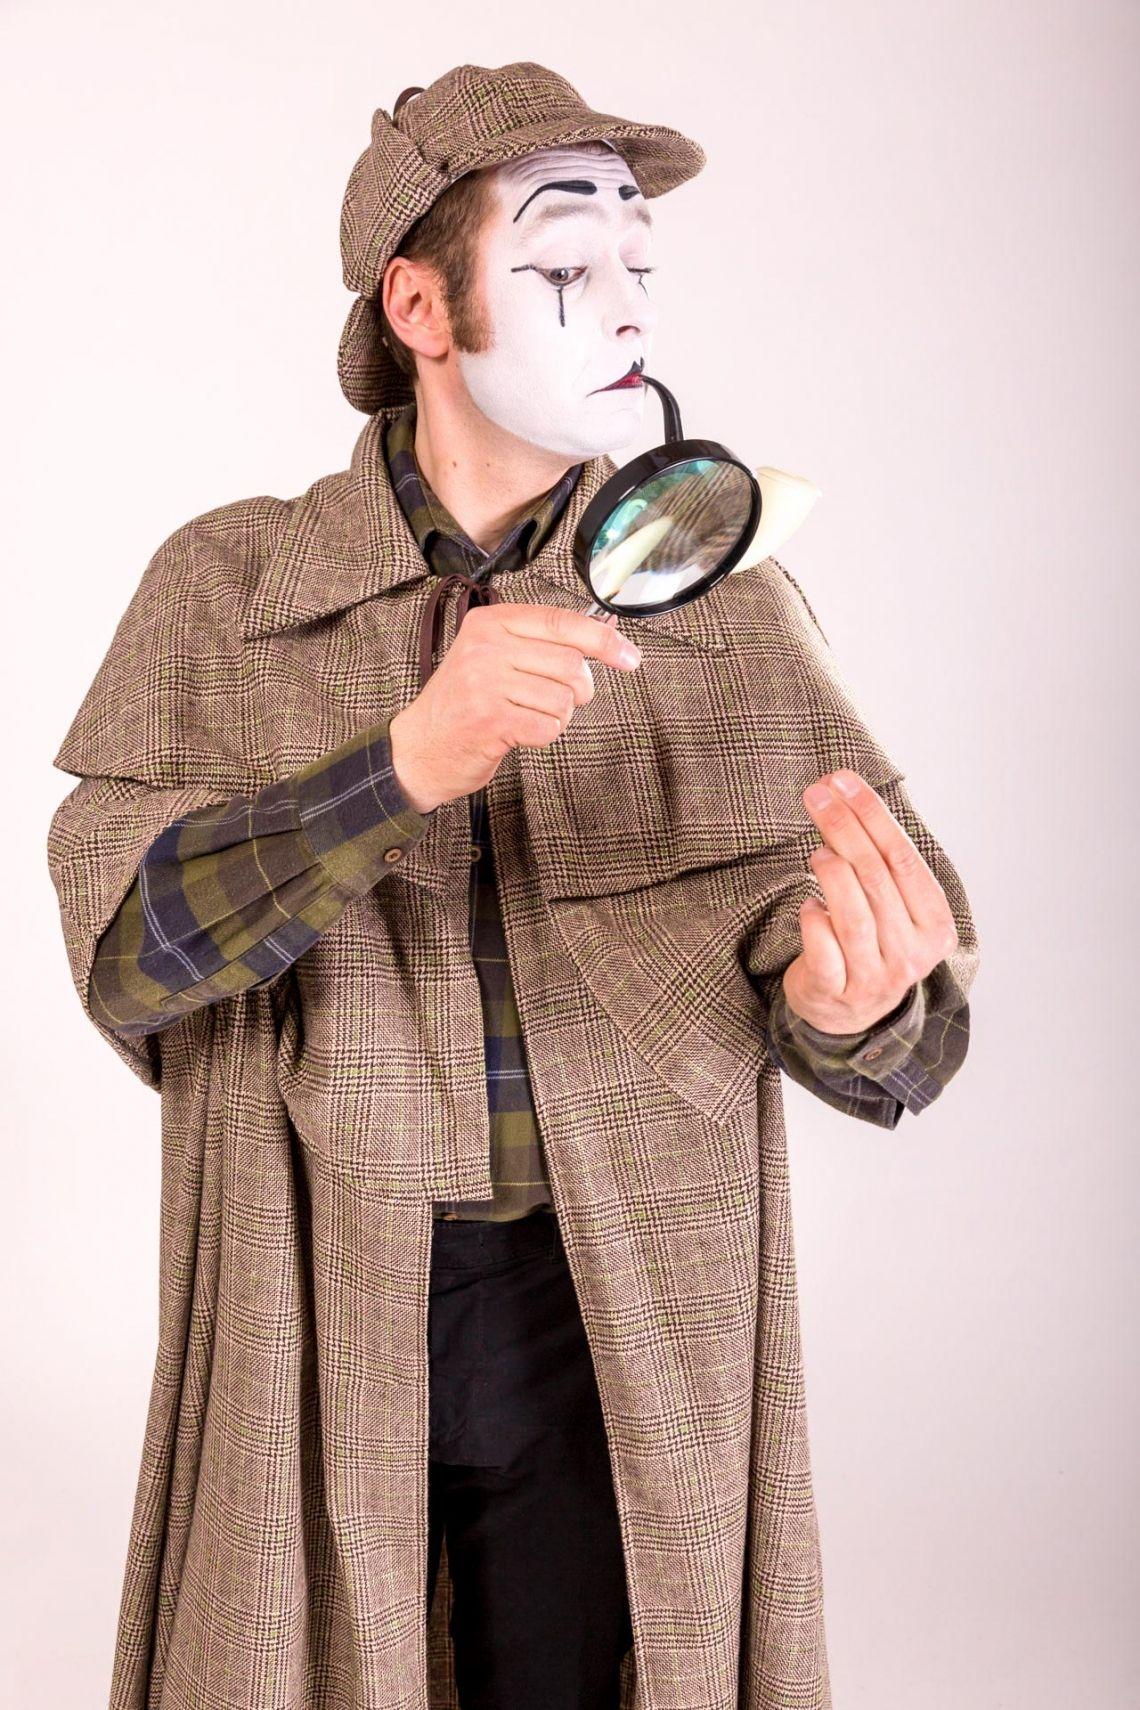 Bastian als Sherlock Holmes Was meinen Sie, Watson? Sherlock Holmes hat ein neues Aufgabenfeld für sich entdeckt – als Pantomime, was sonst! Wer weiß, vielleicht benötigen Sie ja auch ein Duo?